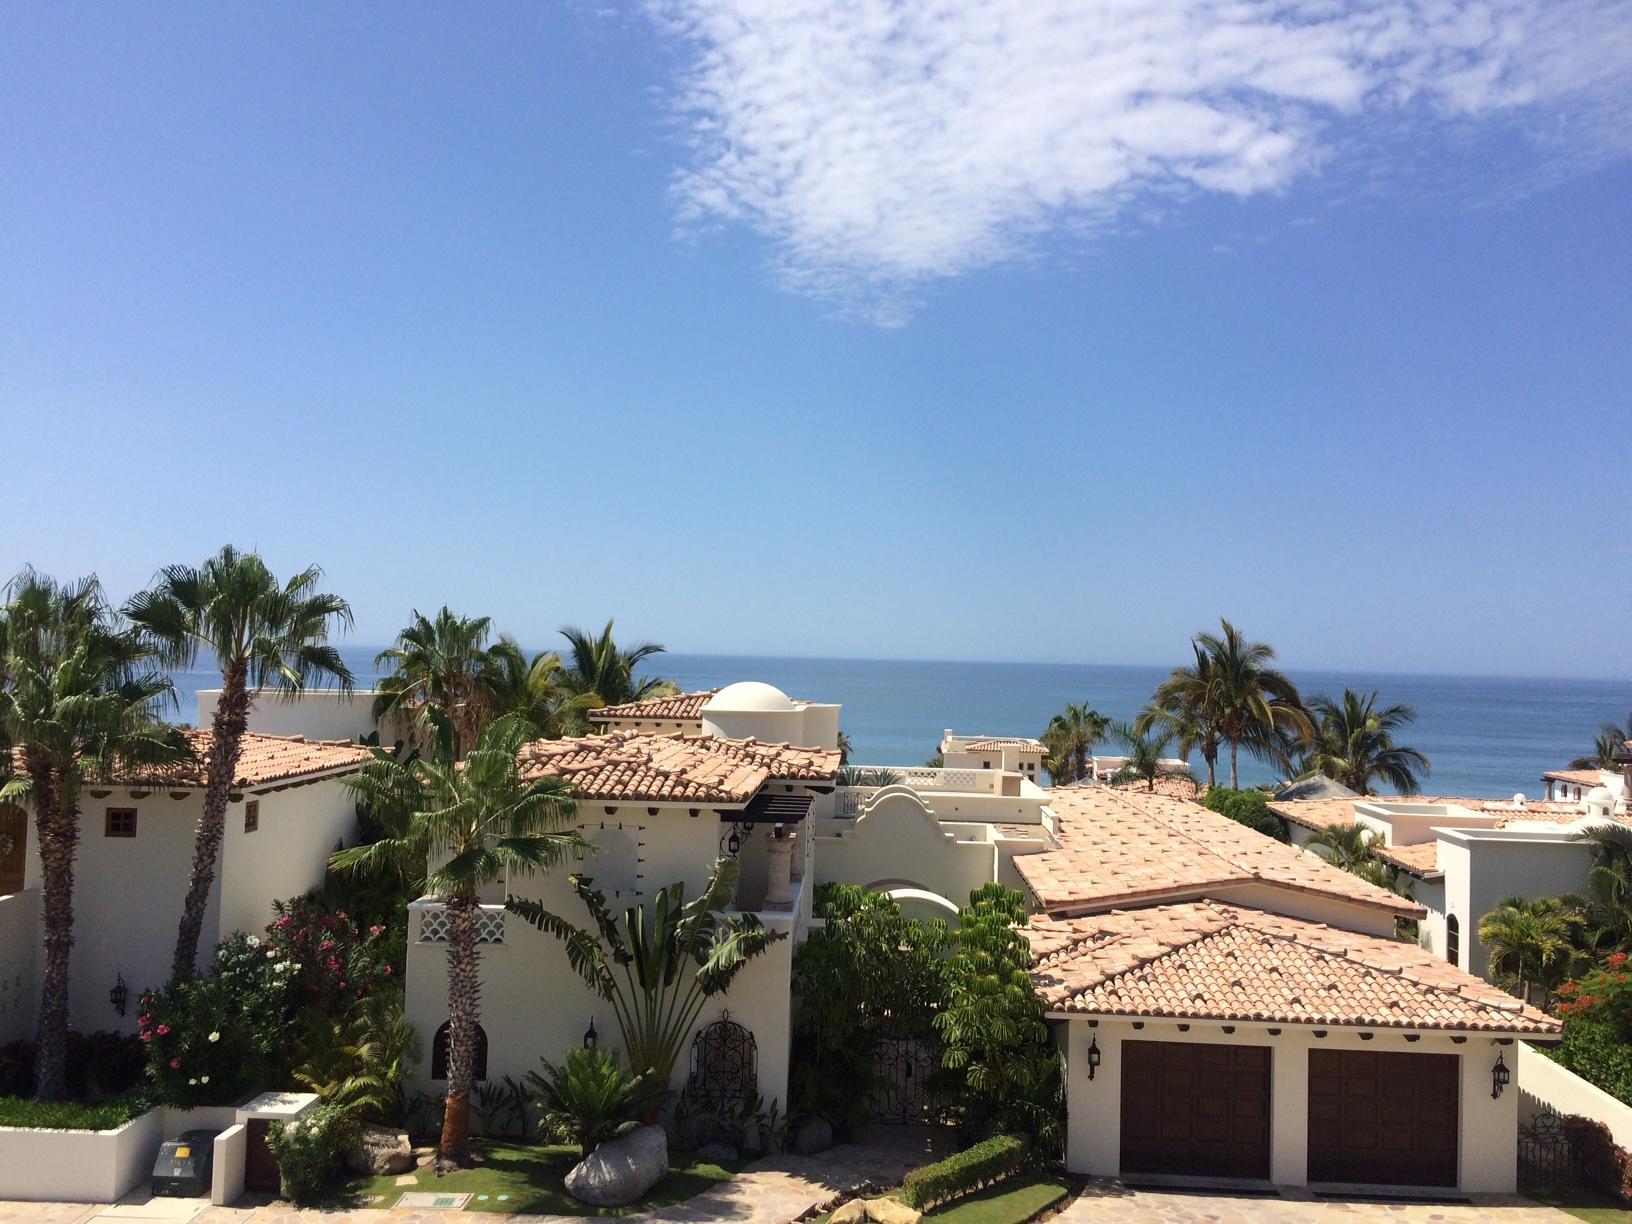 El Encanto, Home Site #36-7